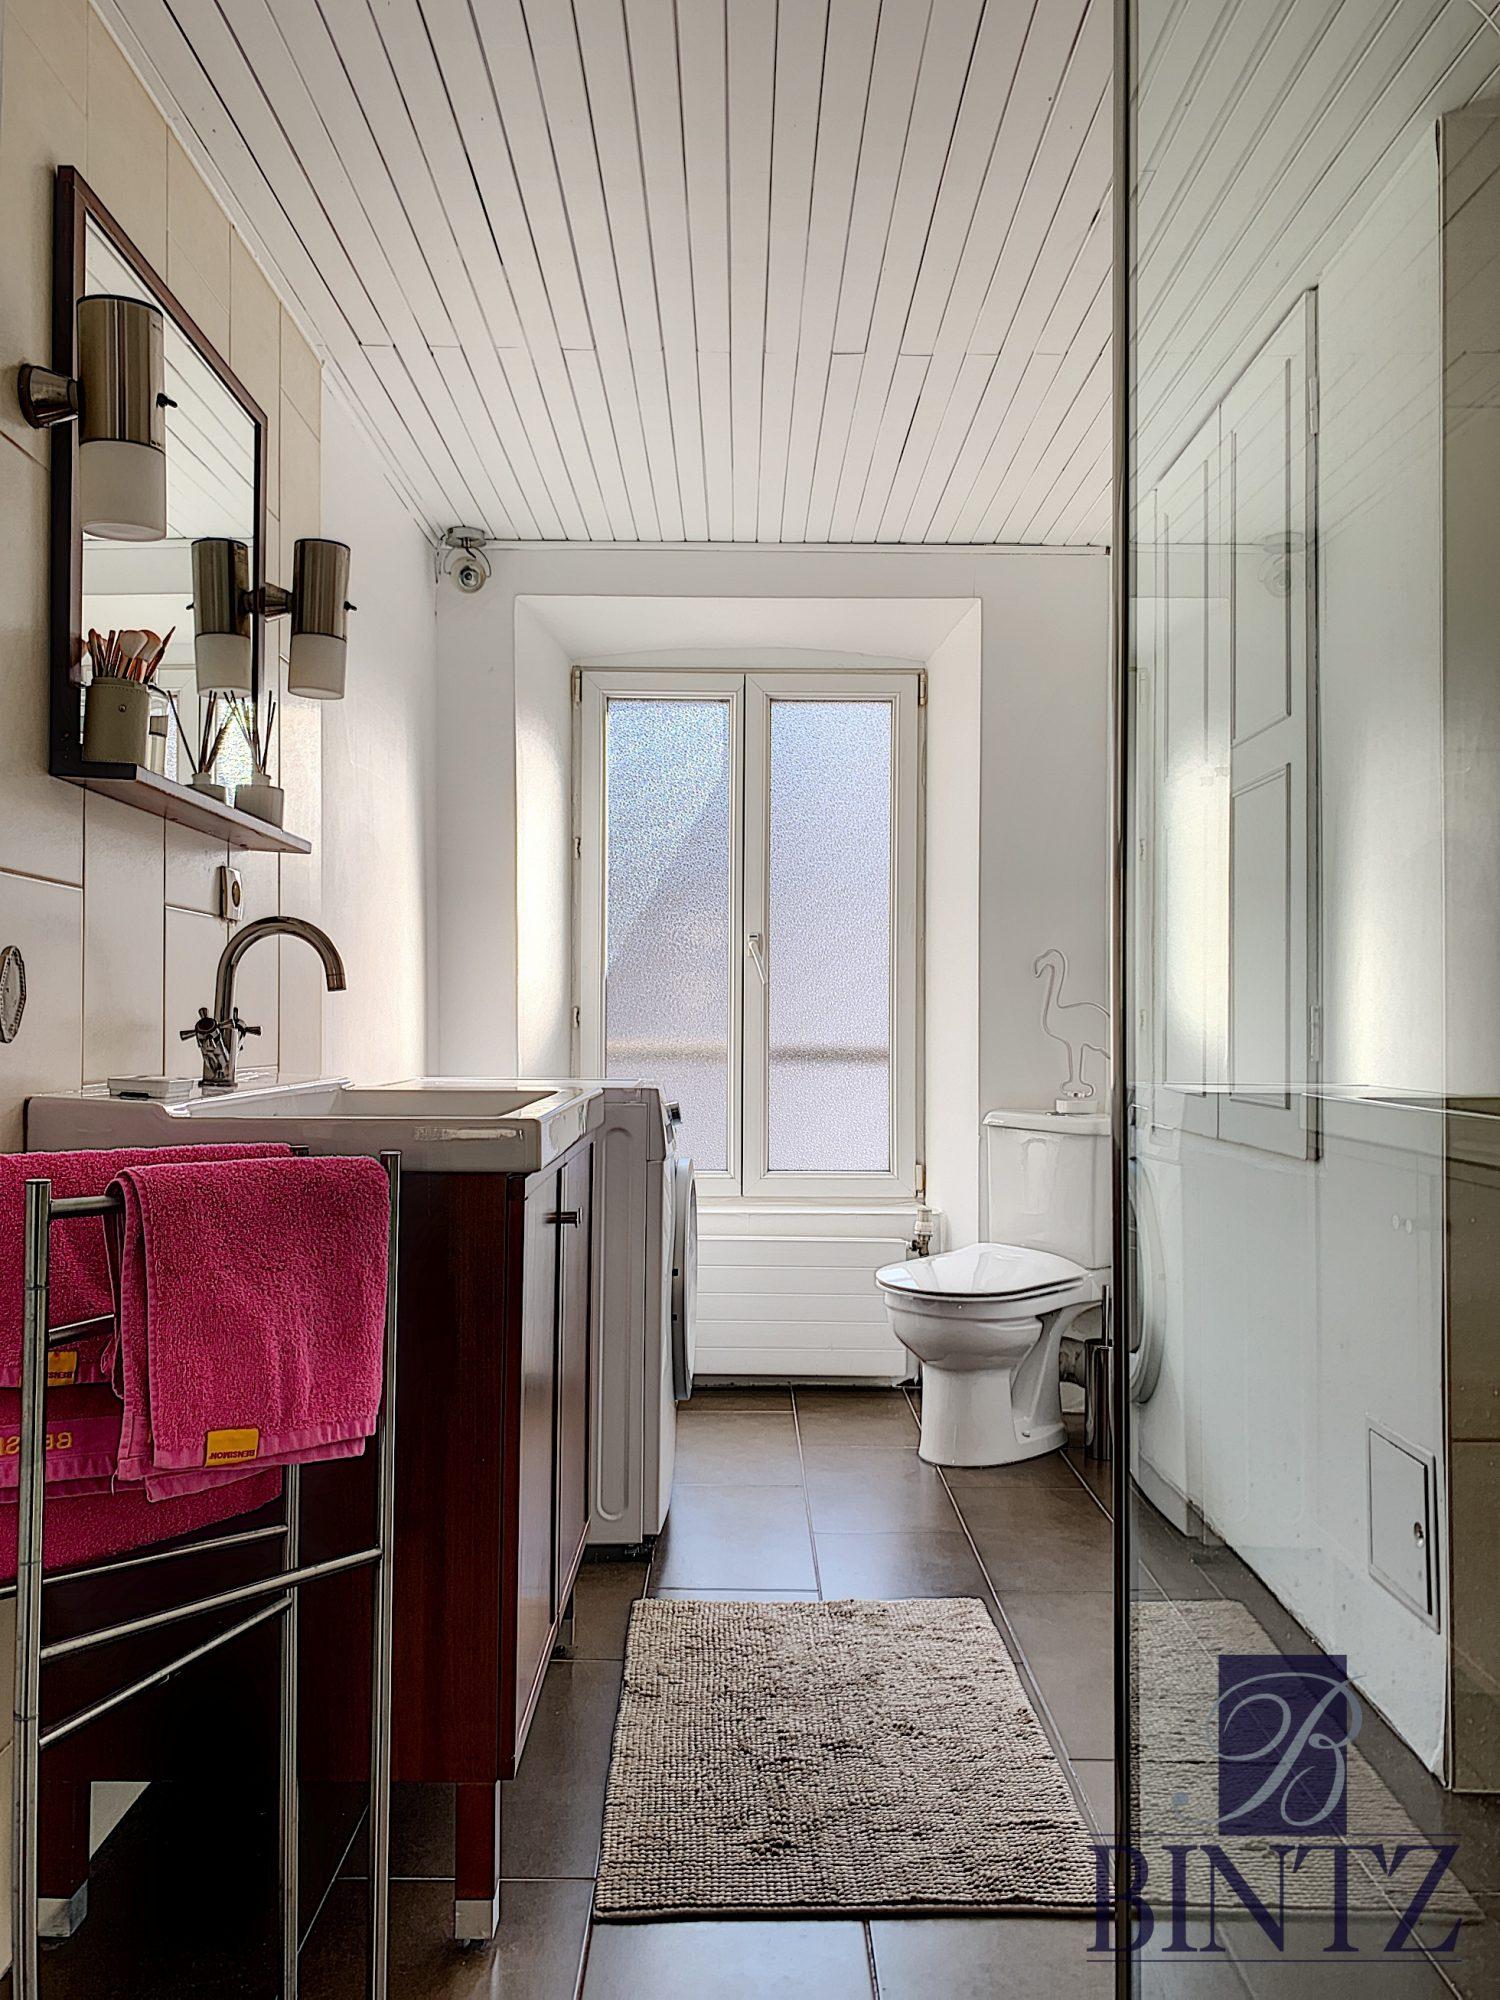 Appartement meublé 2 pièces hyper-centre - Devenez locataire en toute sérénité - Bintz Immobilier - 5